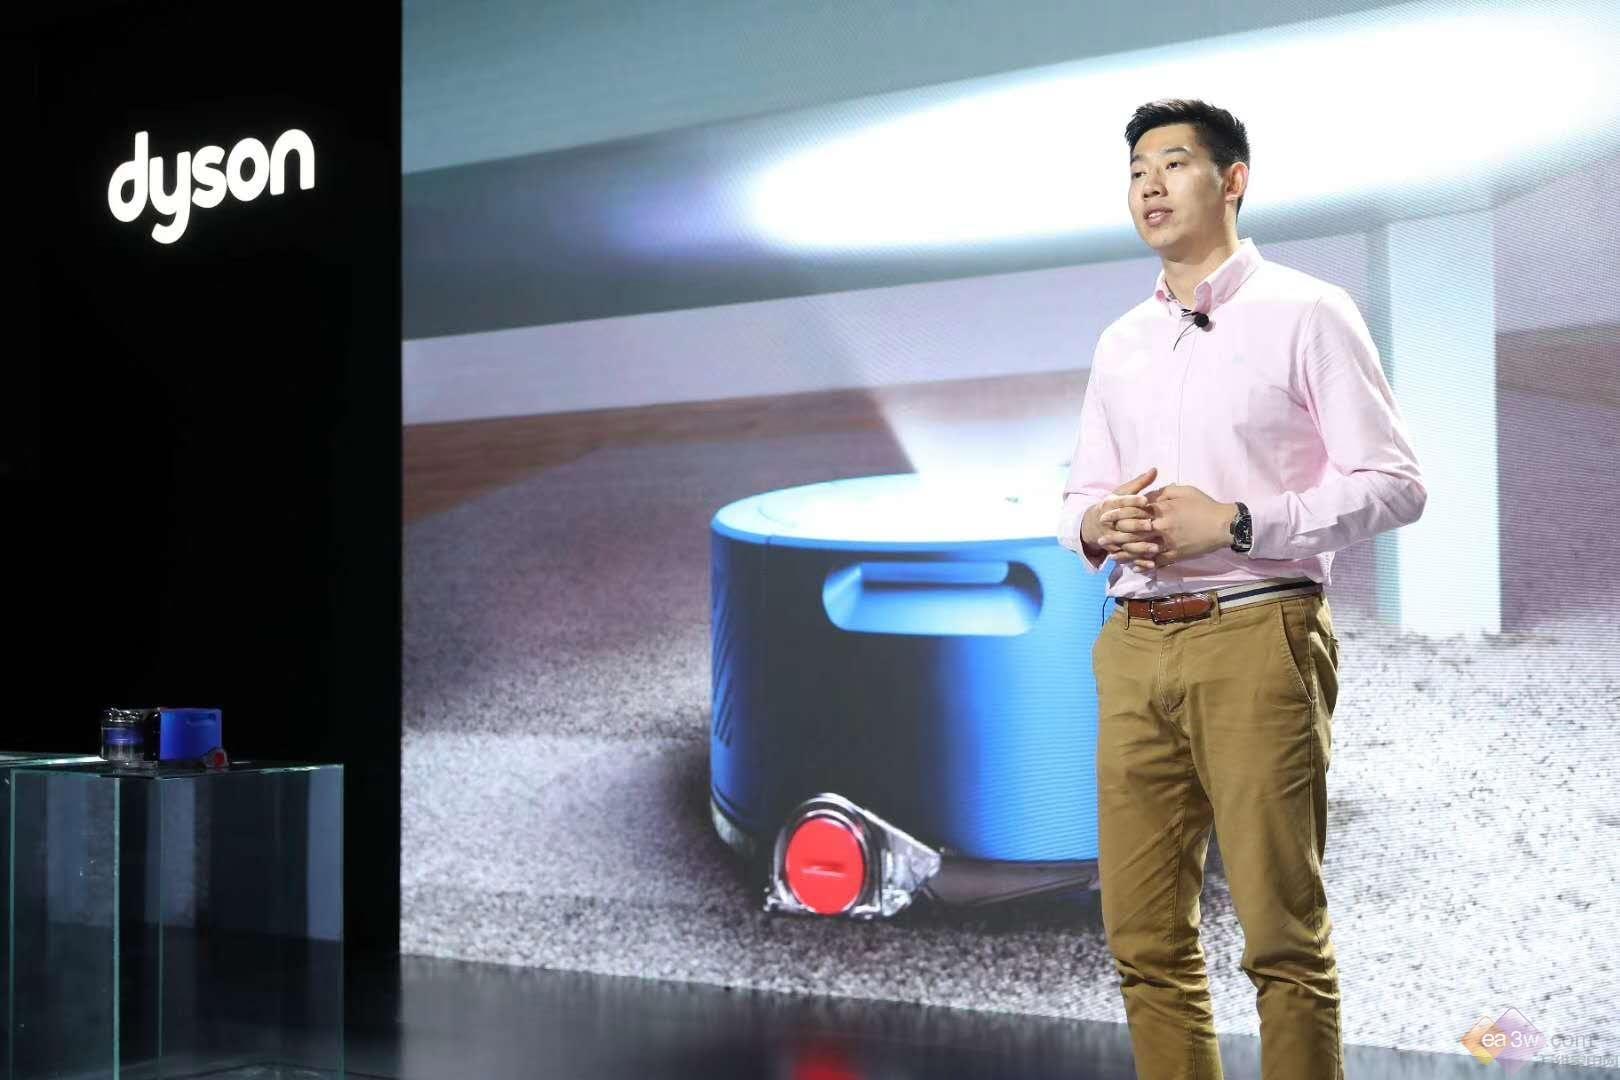 戴森三款新品中国首发,正式宣布要造电动汽车